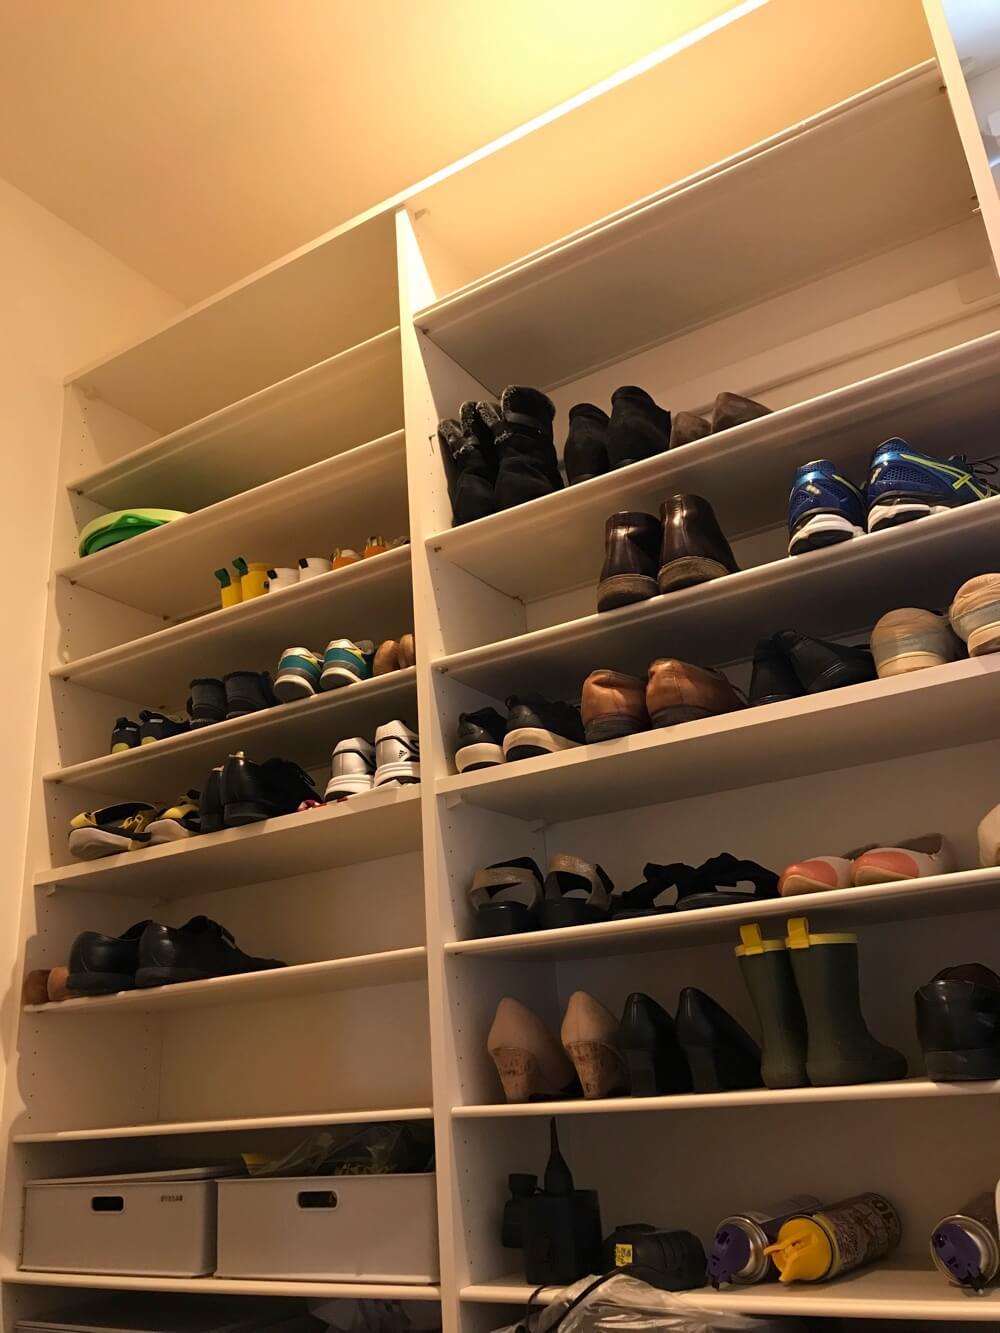 シューズクロークがあると靴がたくさん置けるし、段ボールやペットボトルなどの多いものもしまっておけますよ